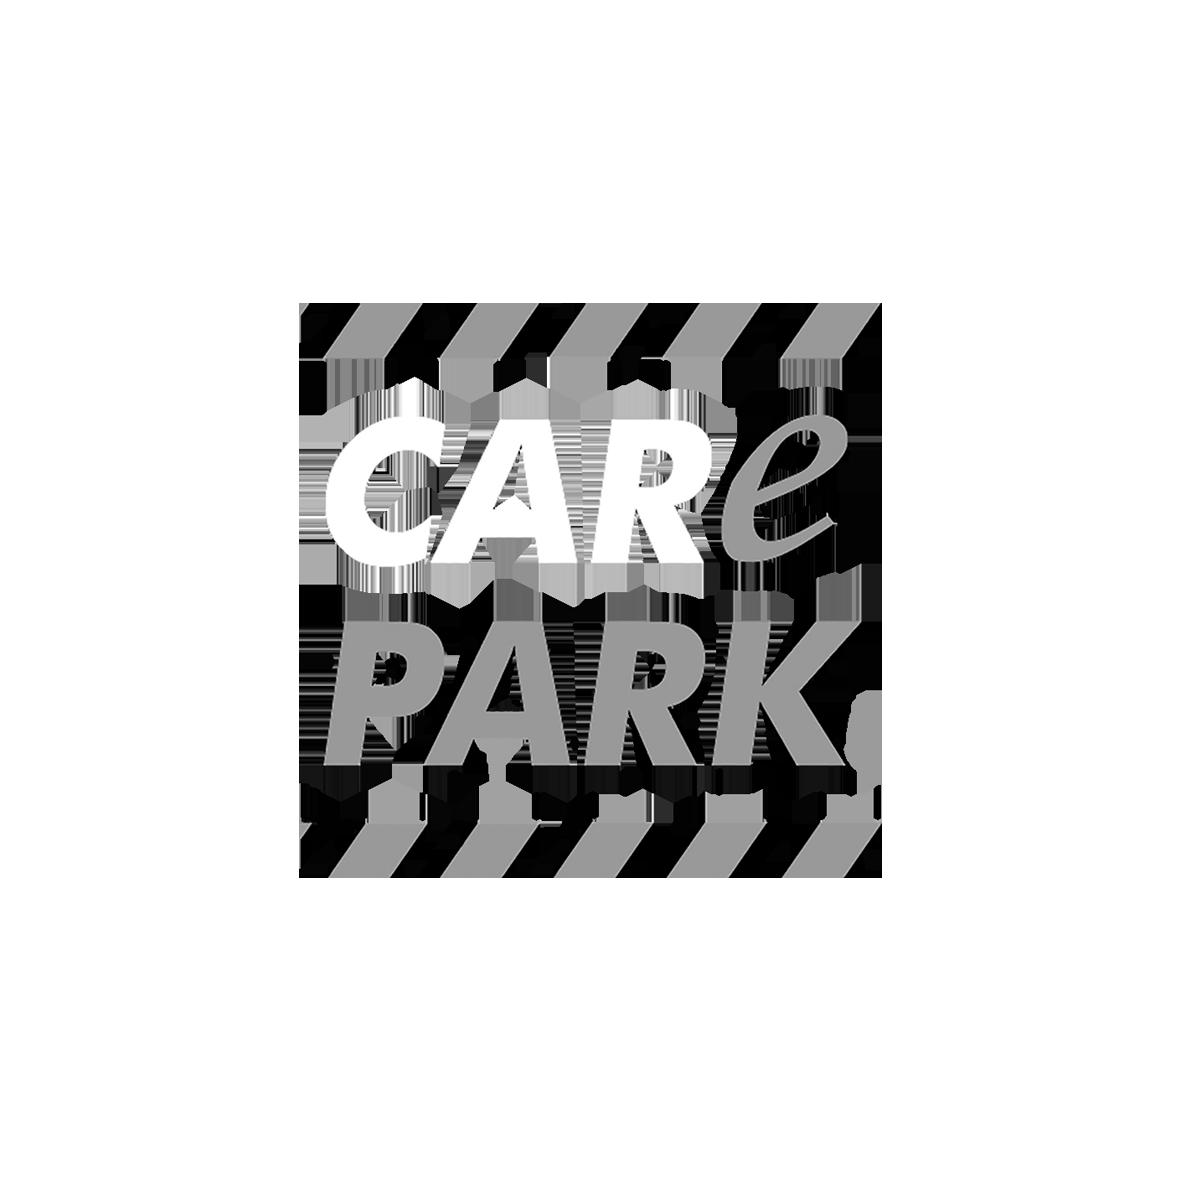 CarePark